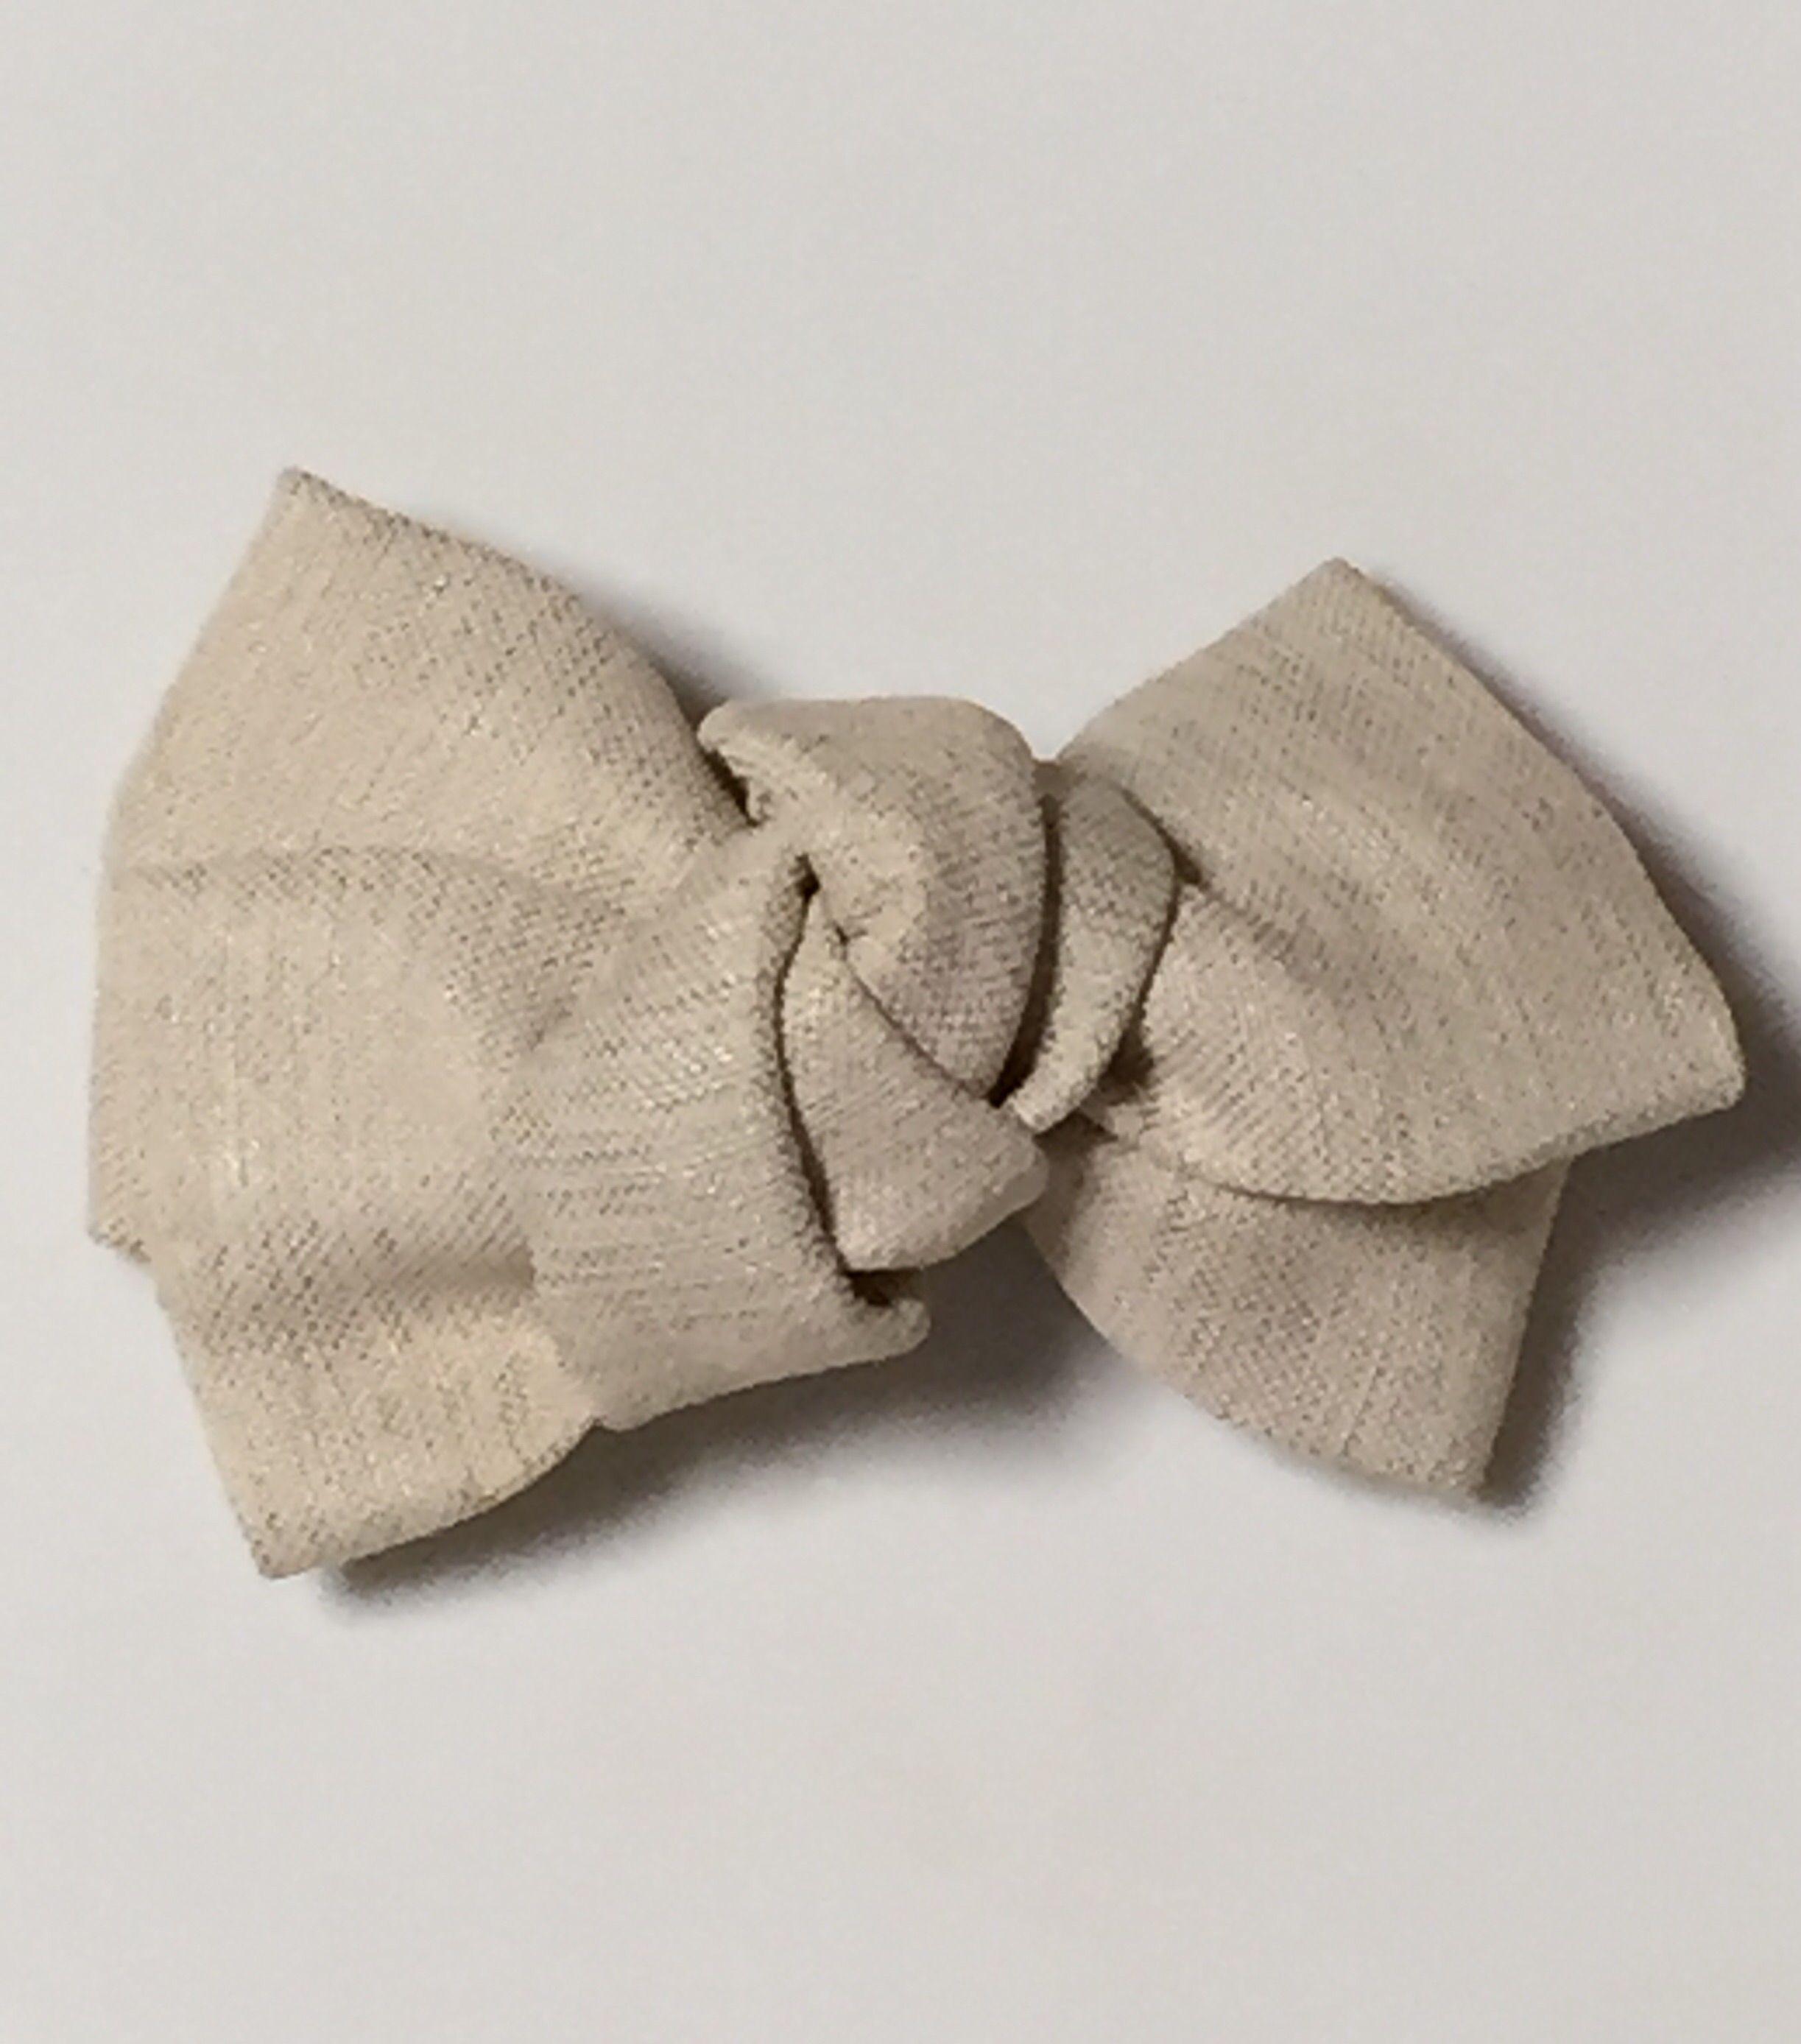 大人のためのリボンバレッタの作り方 その他 ファッション小物 アトリエ